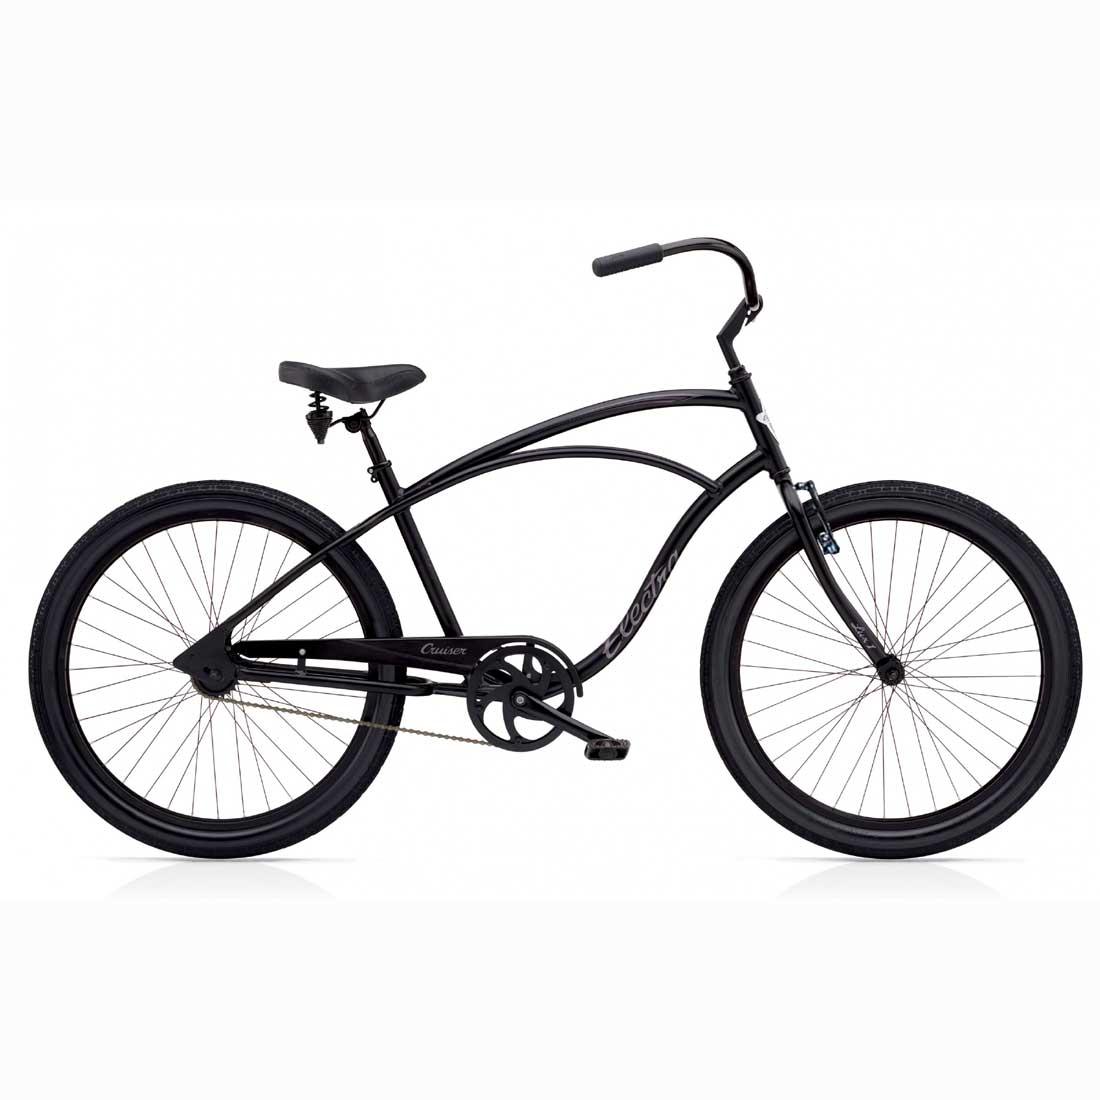 エレクトラ ビーチクルーザー 26インチ レインボー おしゃれ 自転車 通勤 通学 メンズ レディース アルミフレーム 軽量 CRUISER-LUX1 マットブラック